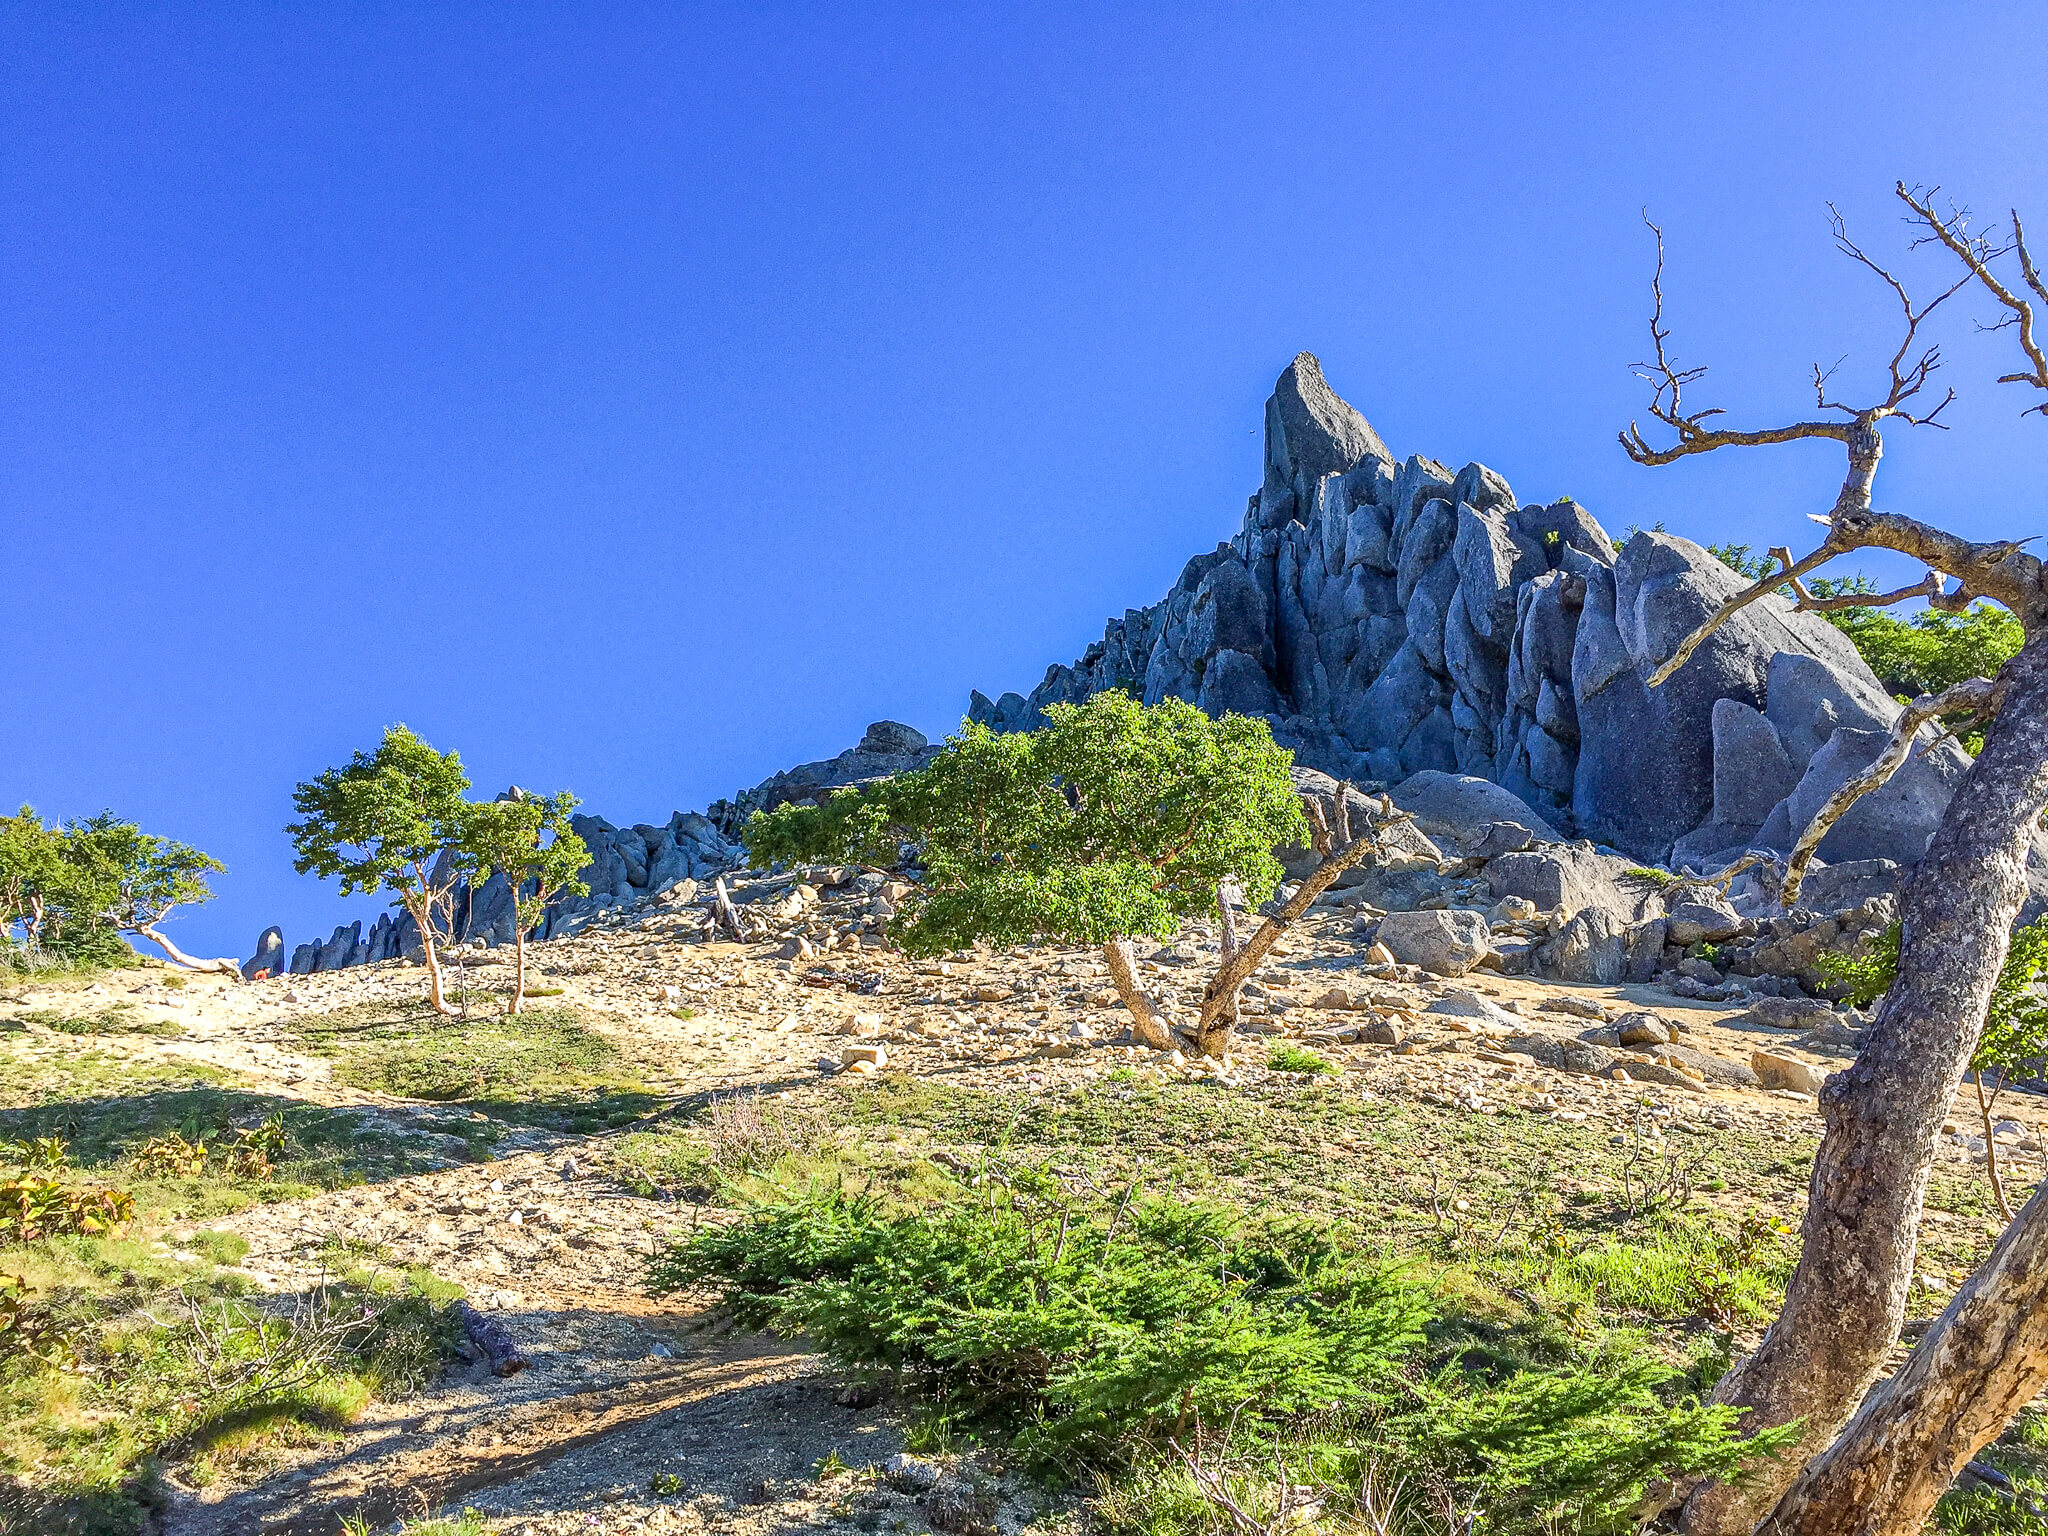 鳳凰三山・地蔵岳のオベリスク(地蔵仏)